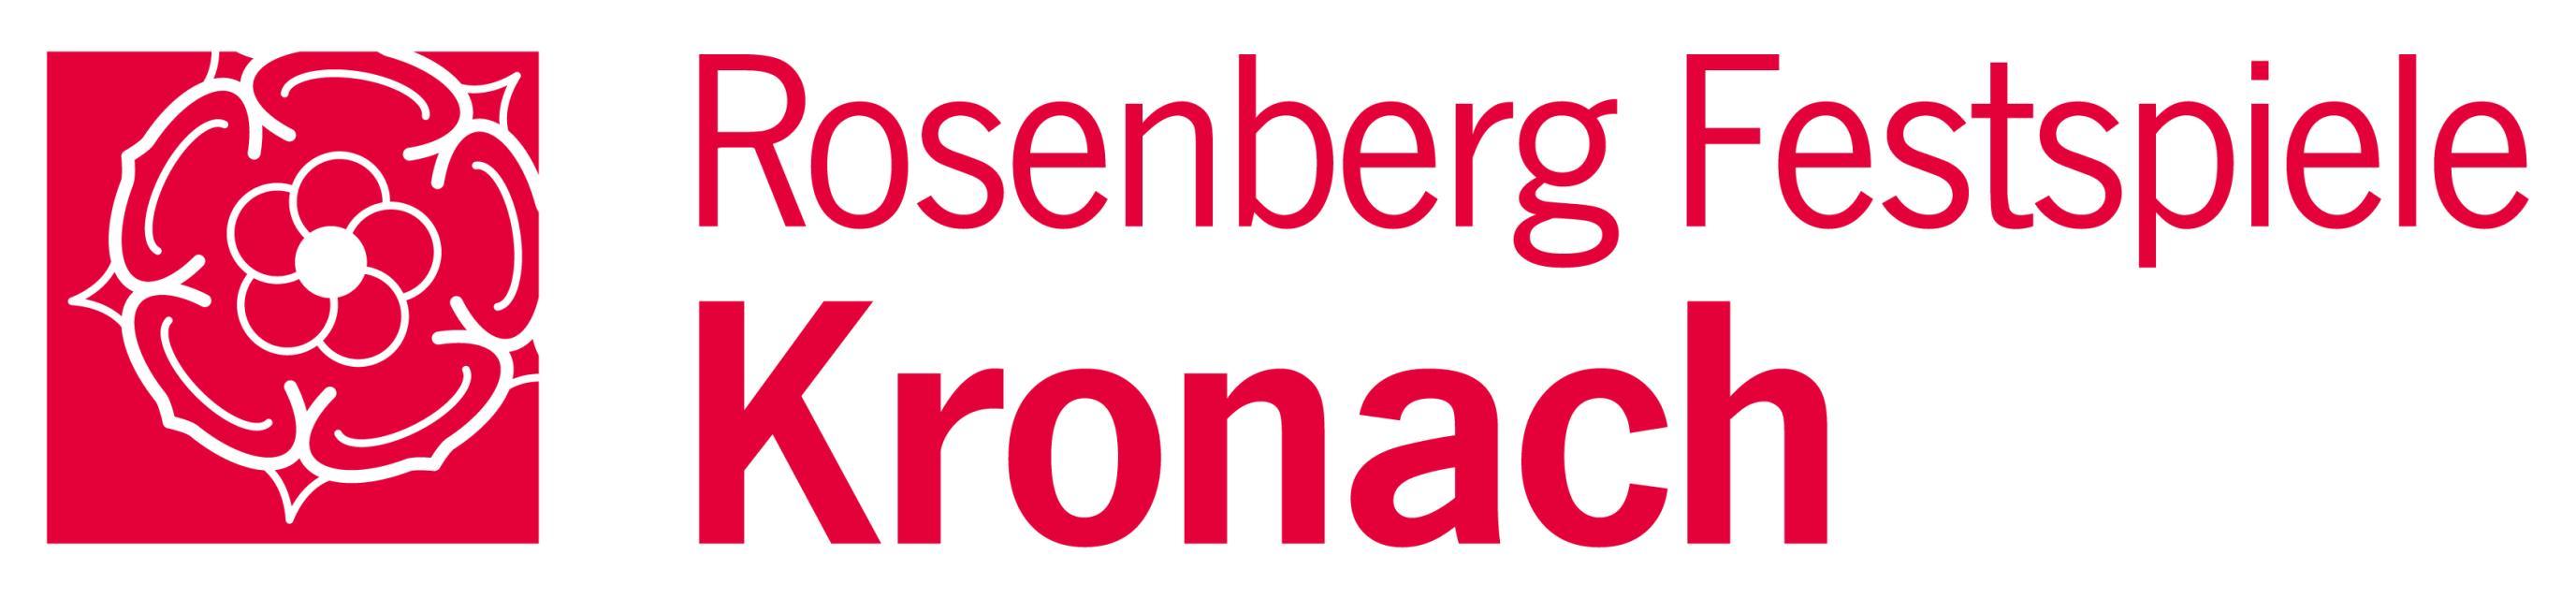 Rosenberg Festspiele